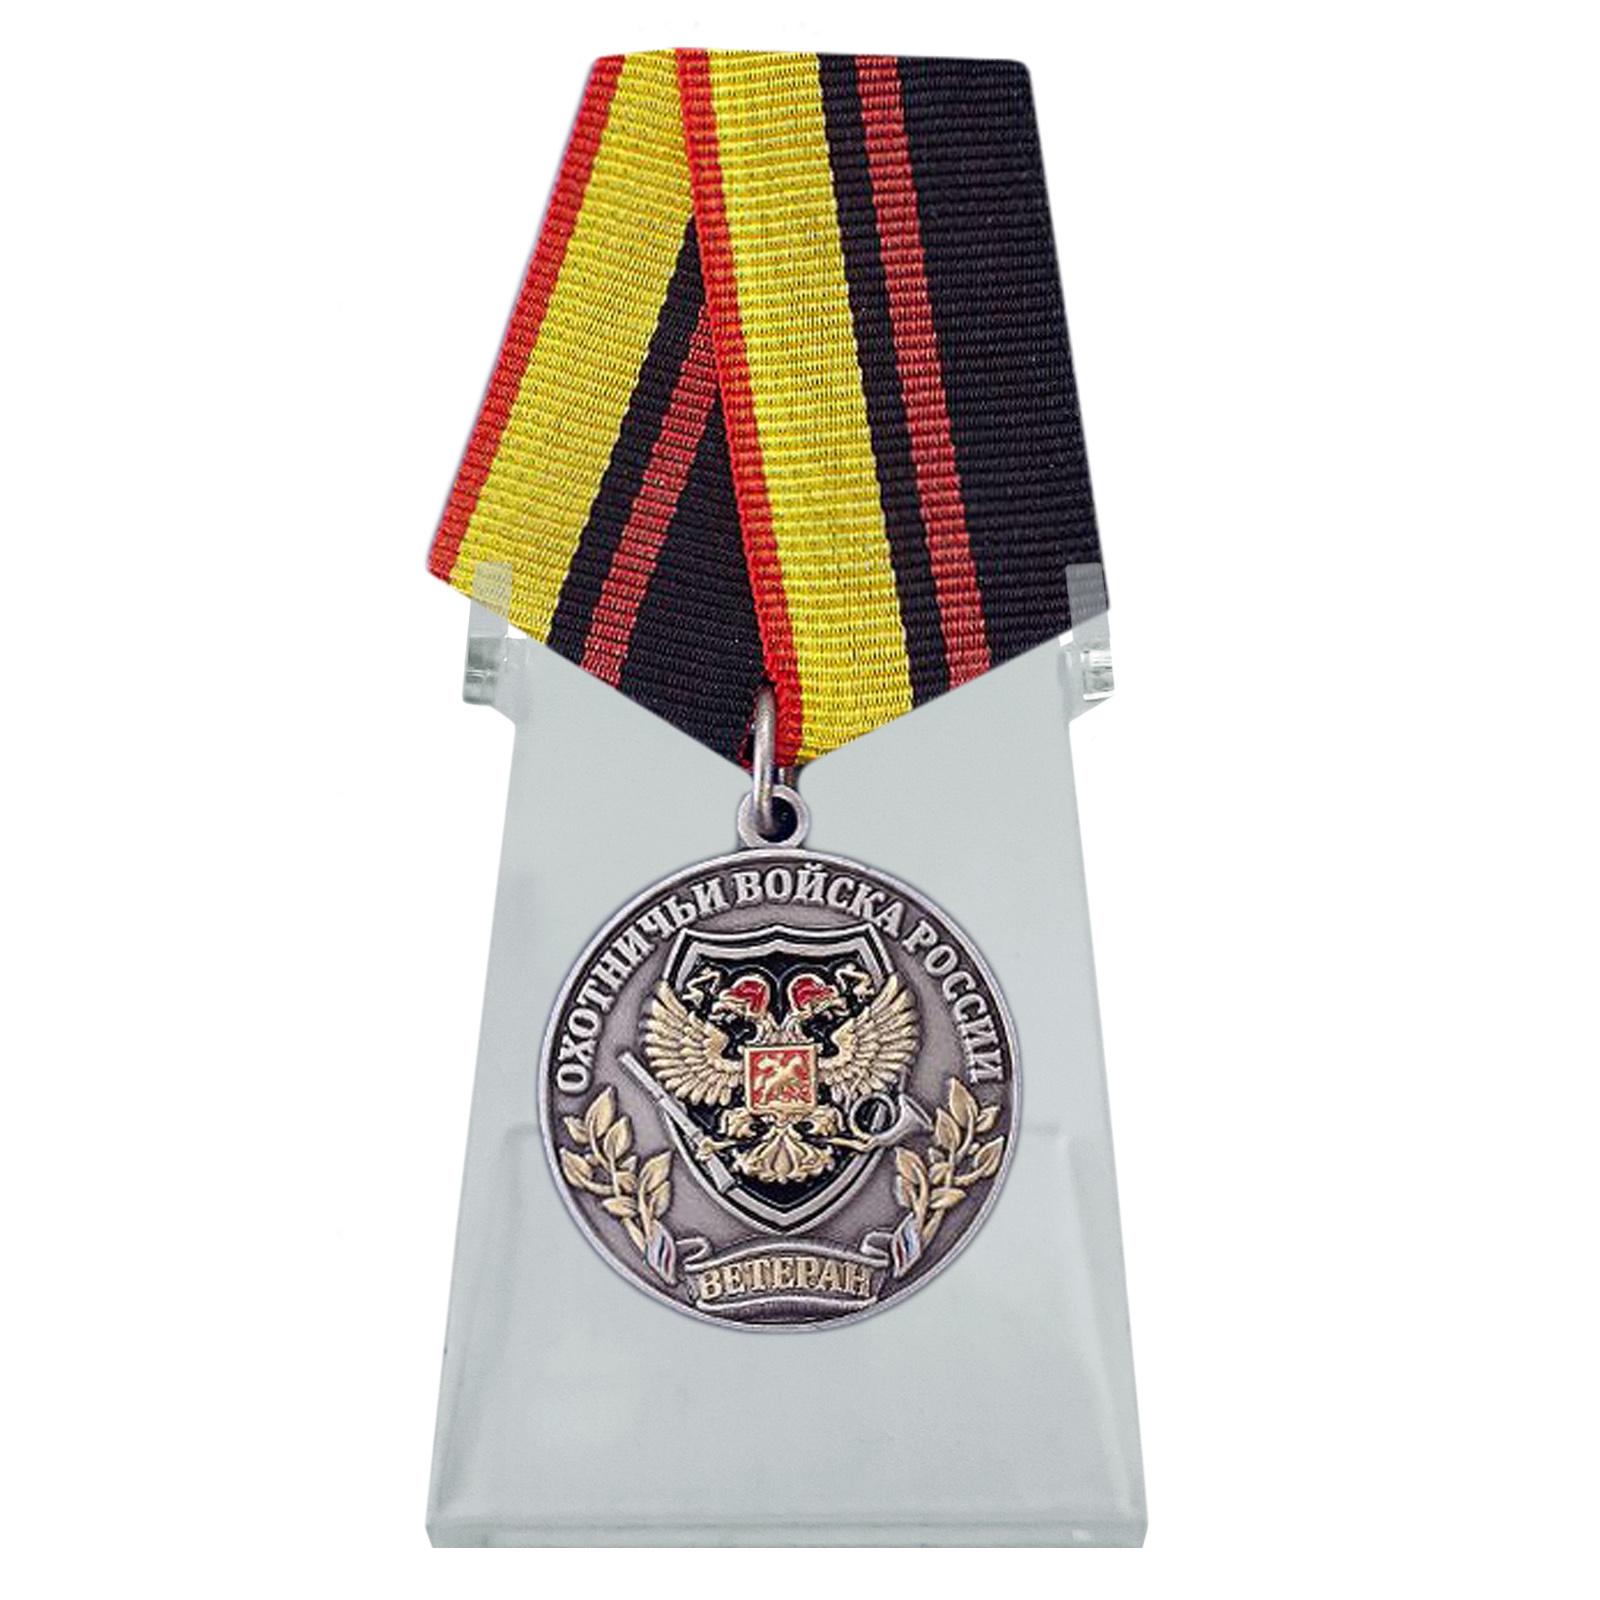 Медаль Ветеран Охотничьих войск России на подставке